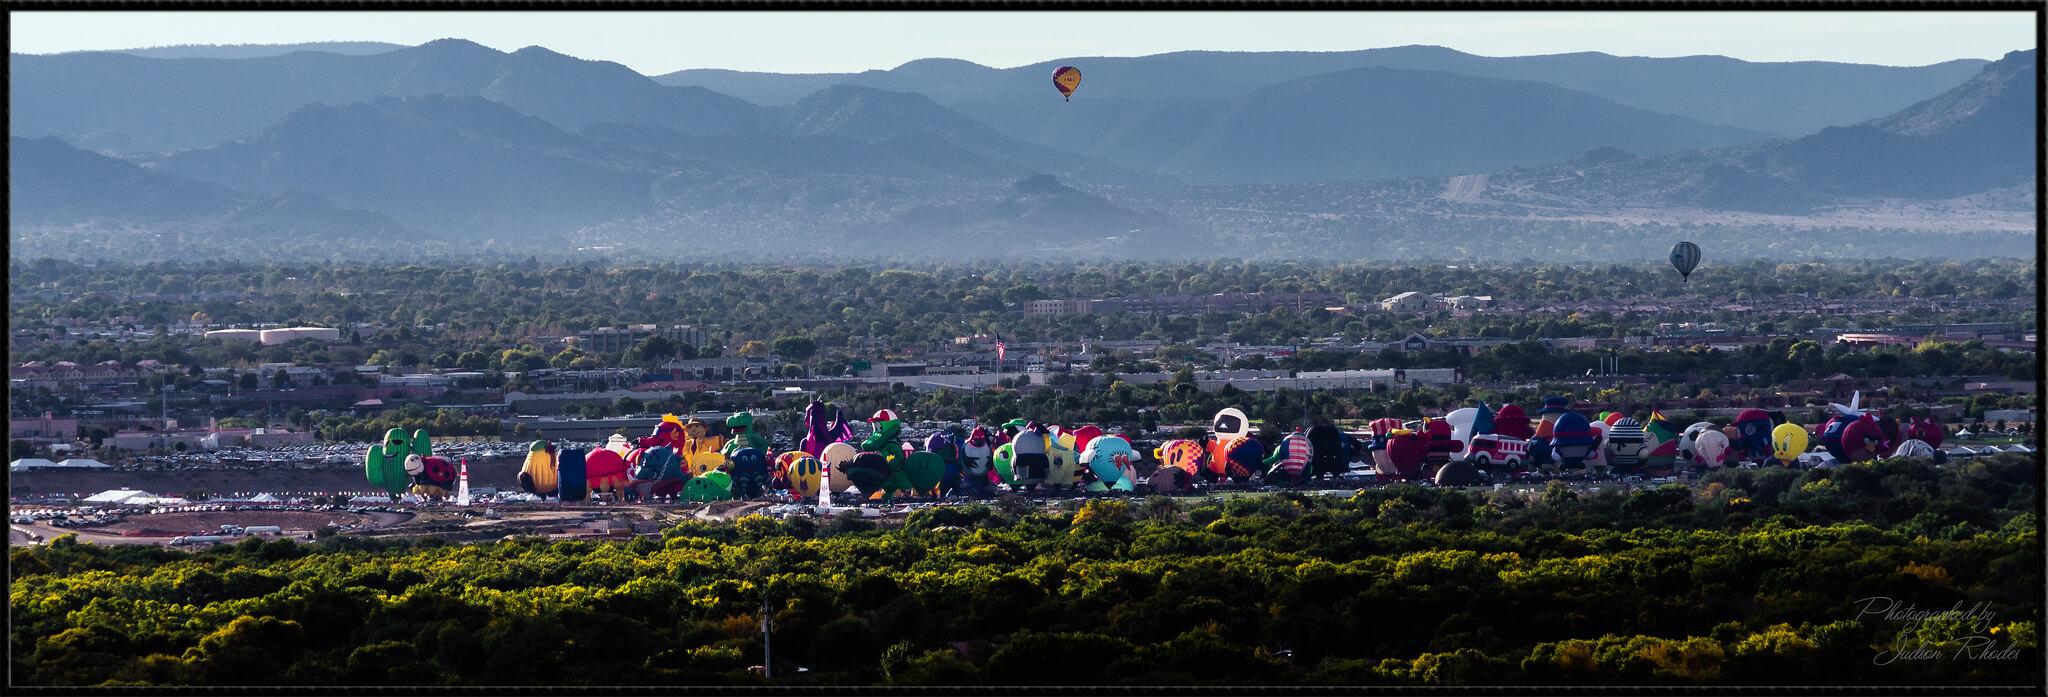 The 2016 Albuquerque International Balloon Festival